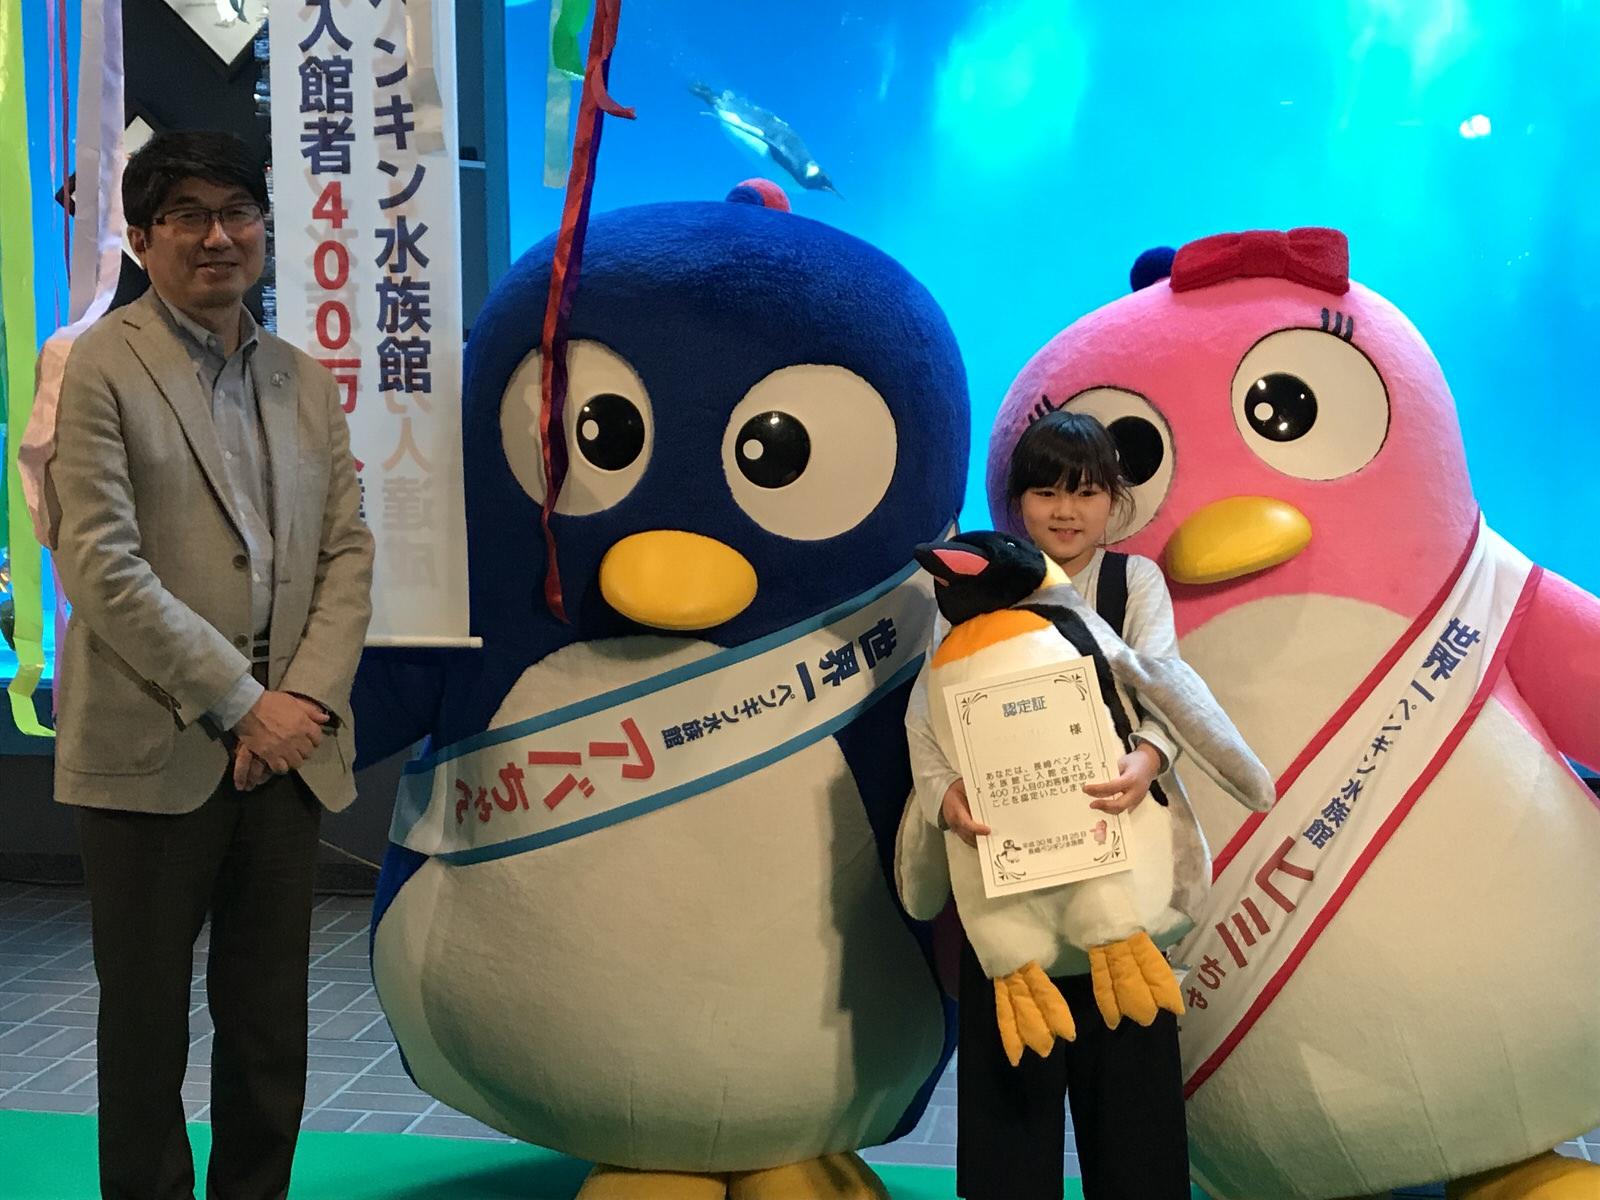 3月25日ペンギン水族館が来館400万人目を突破‼︎